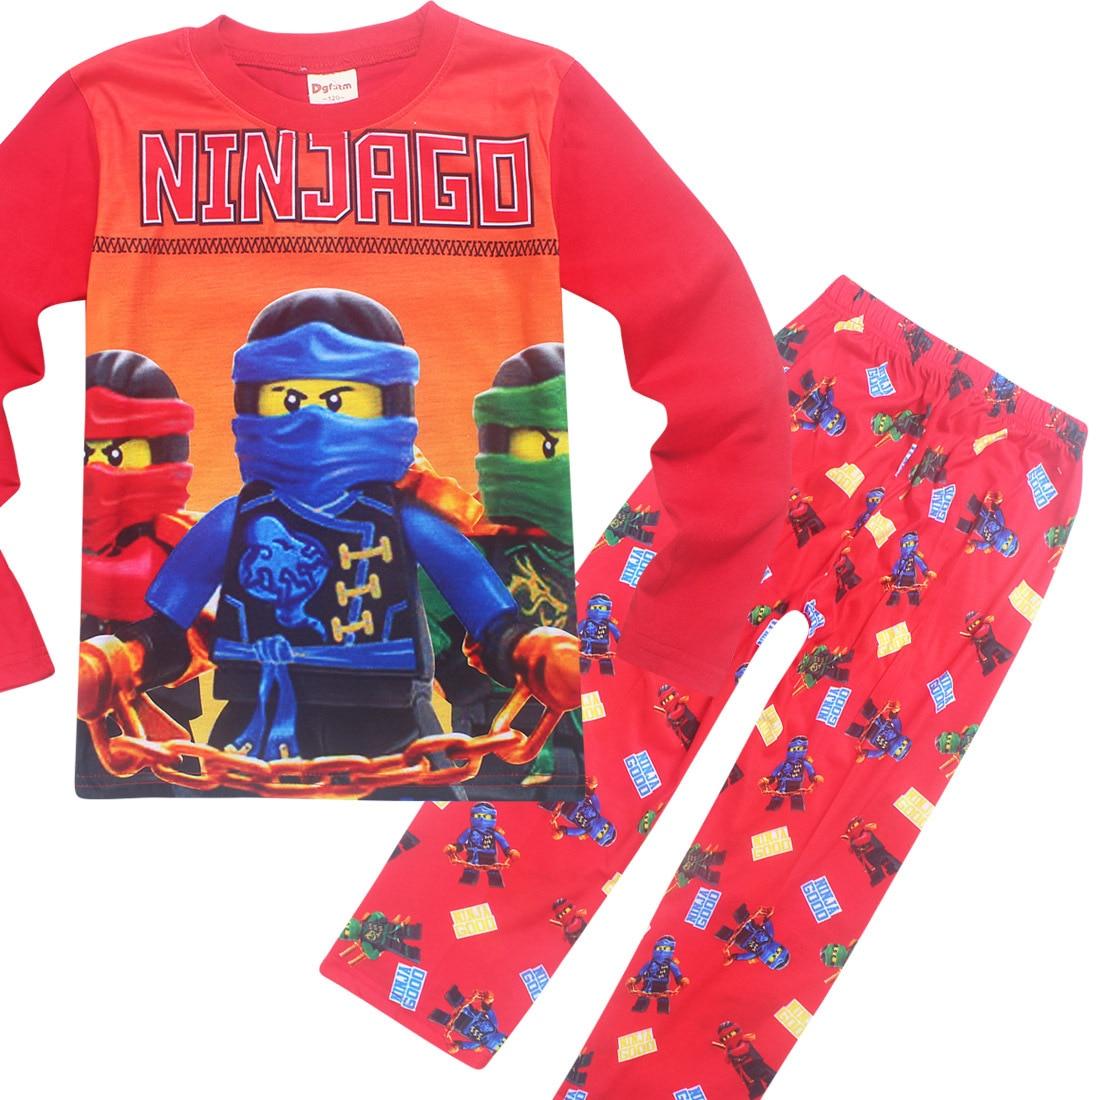 Kds Ninja Christmas Pajamas For Children Baby Pajamas Kids Girls Boy Child Ninjago Halloween Party Sleepwear Kids Pajamas